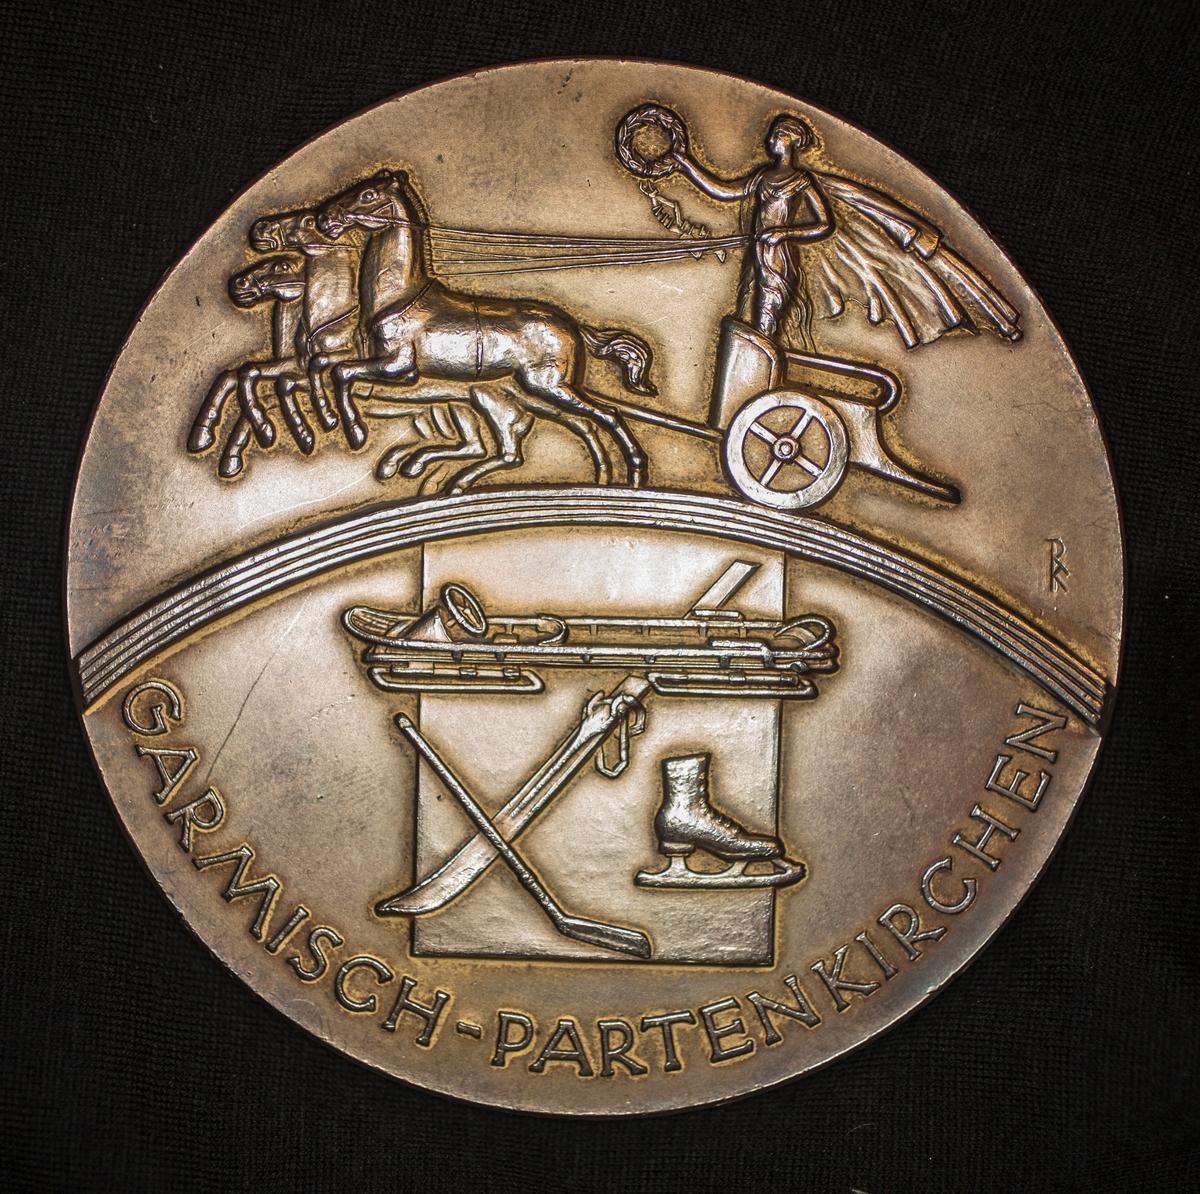 På adversen er motivet de olympiske ringer. Rundt disse langs kanten teksten: IV. OLYMPISCHE WINTERSPIELSEN, og to stjerner. På reversen er motivet en mann med kappe og larbærkrans stående i ei vogn trukket av tre hester. Vogn og hester kjører over regnbuen. Under denne en bobslede, ei ski, ei ishockeykølle og ei skøyte. Under regnbuen langs kanten står det: GARMISCH-PARTENKIRCHEN.